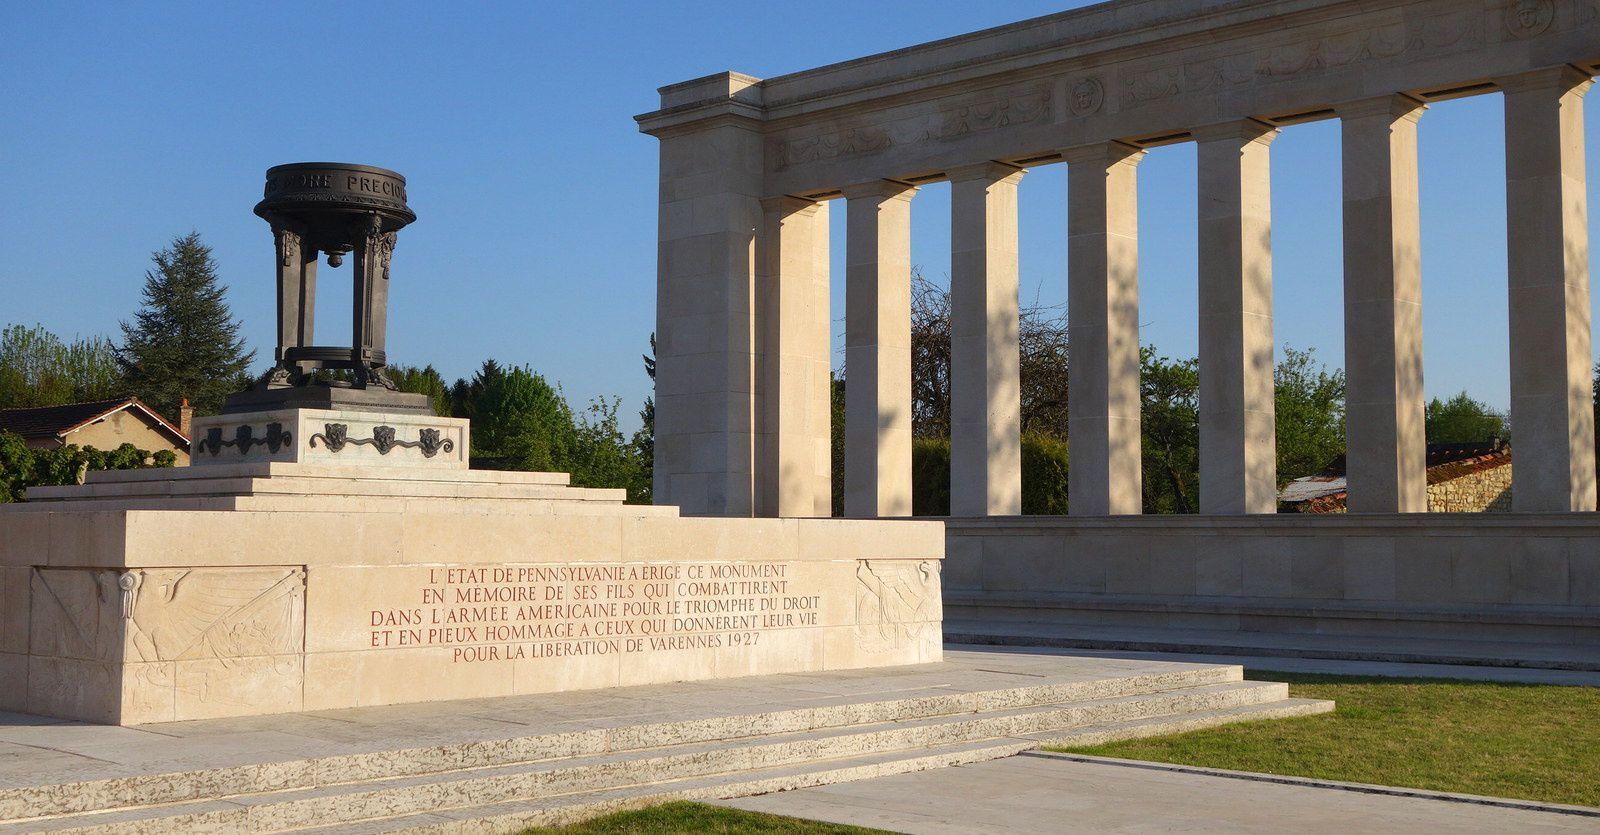 Varennes-en-Argonne : la fuite manquée des 20 et 21 juin 1791 et le monument de Pennsylvanie